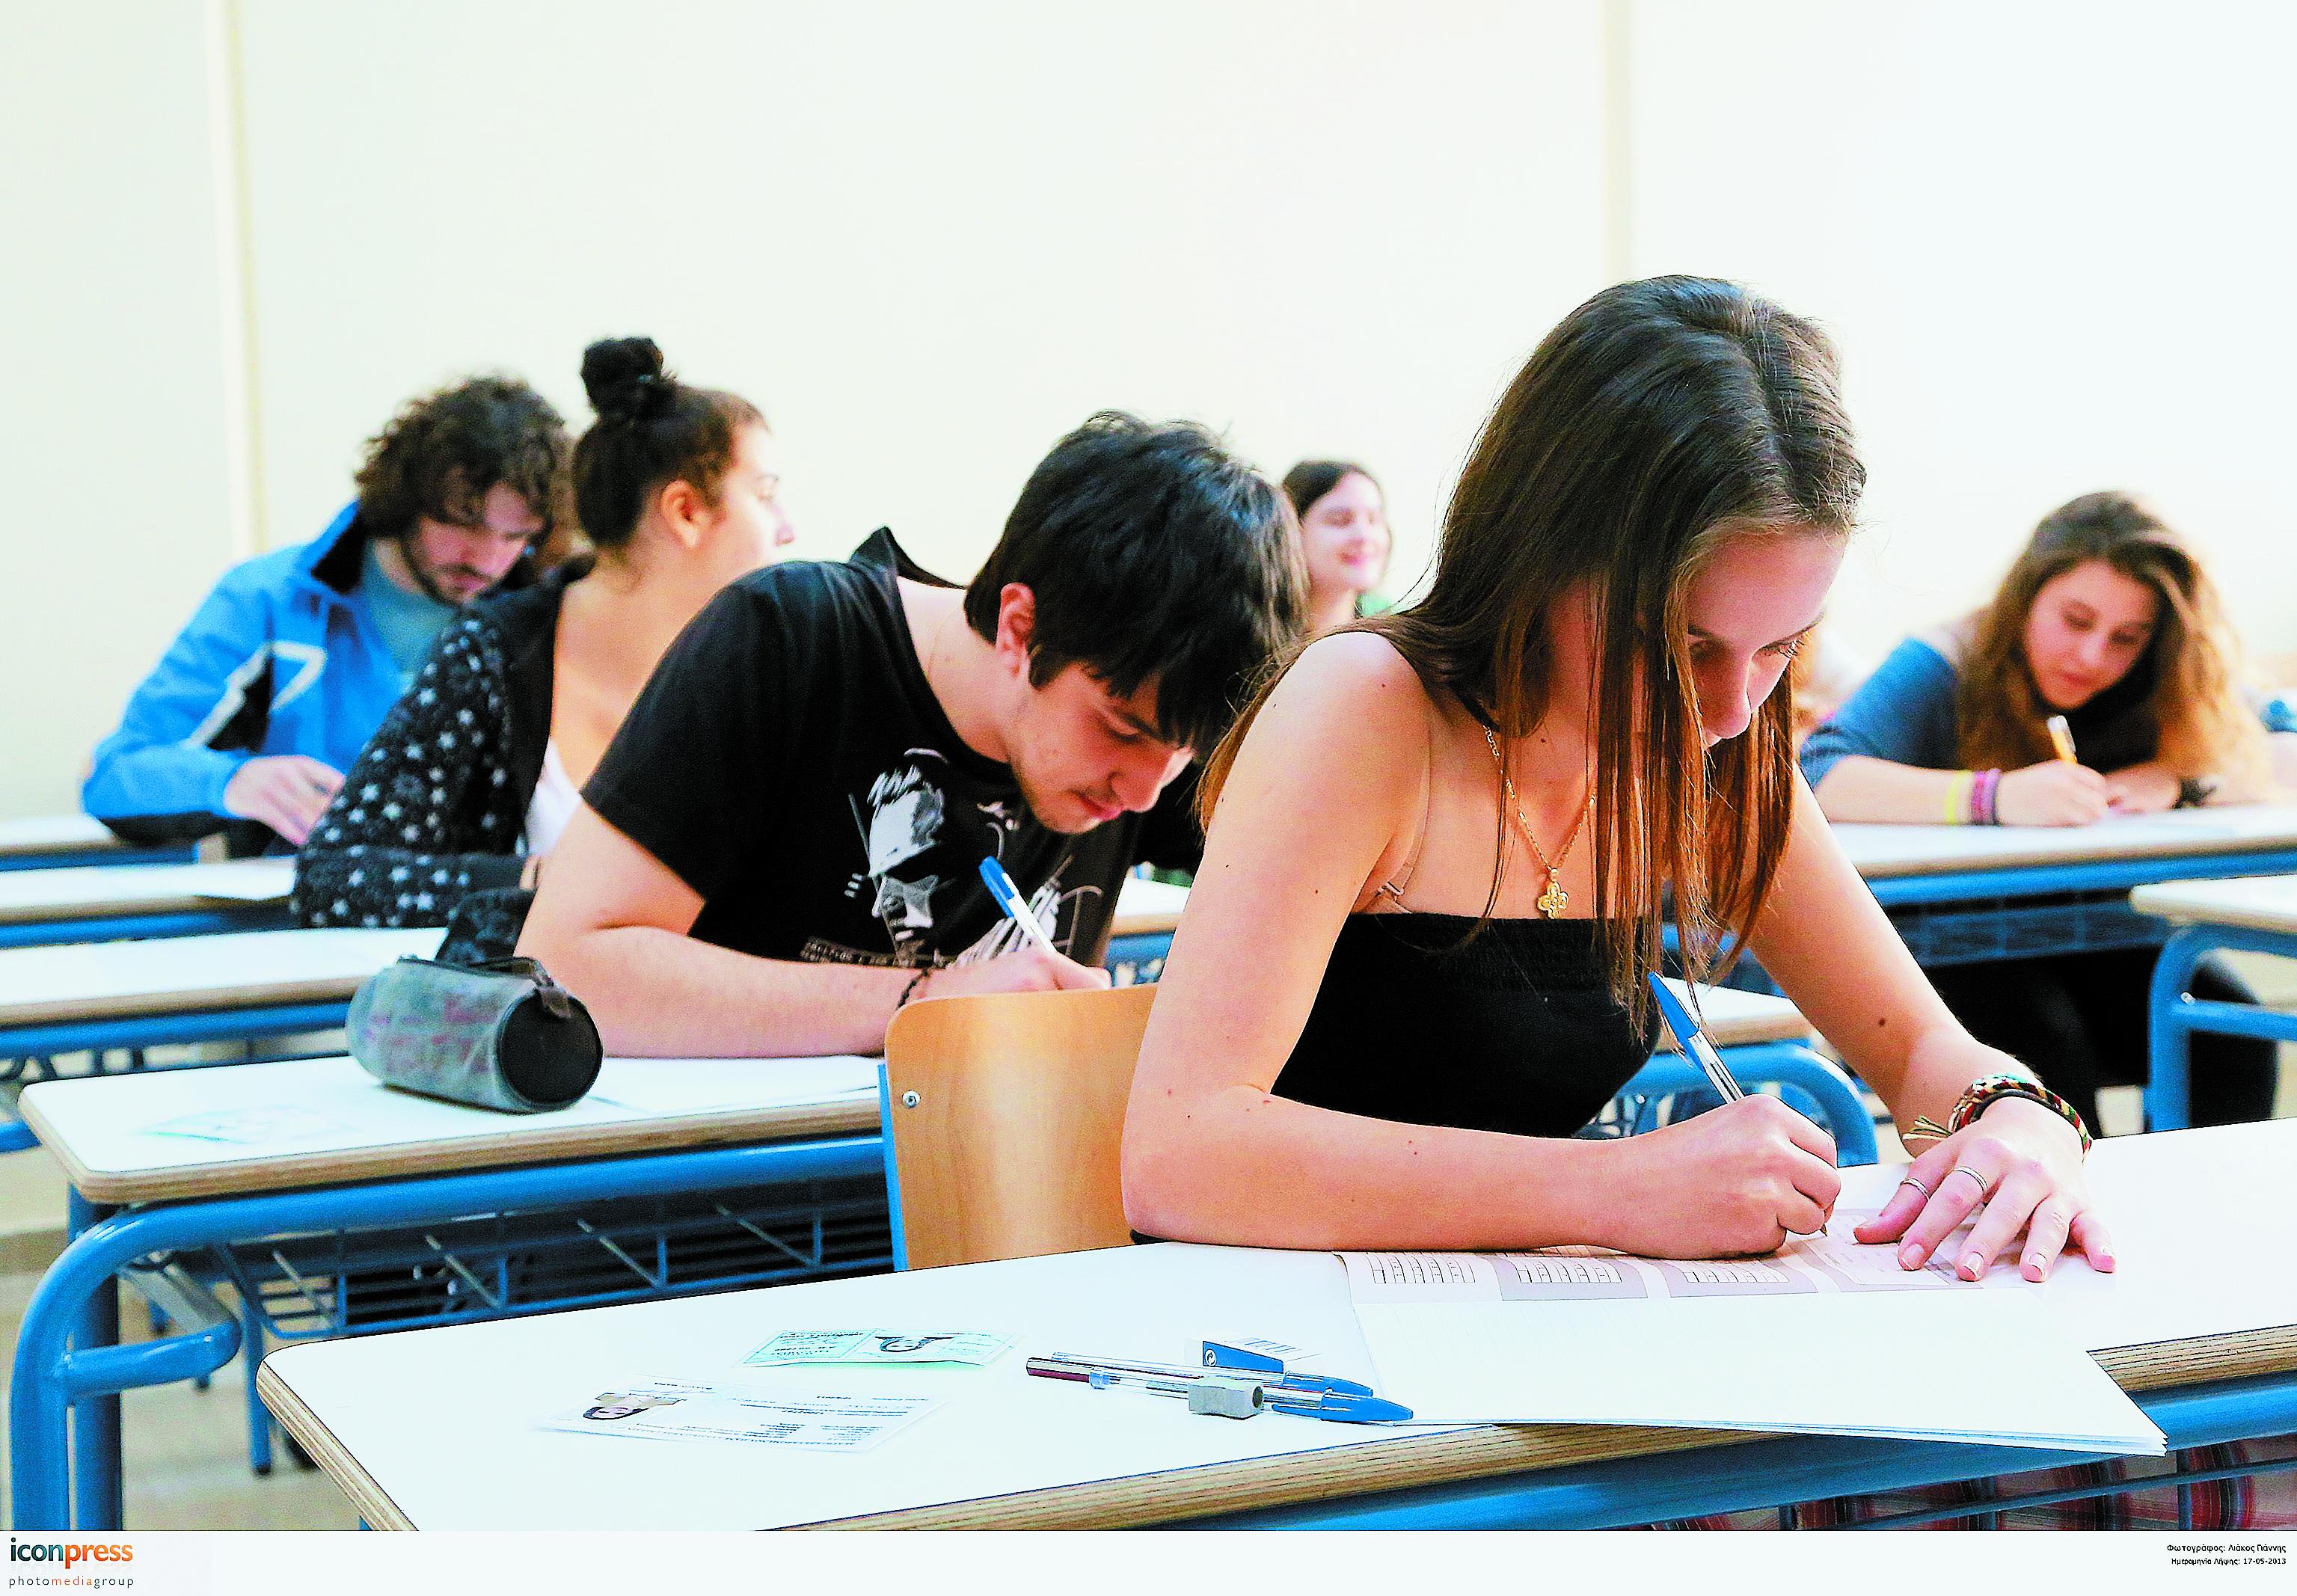 Πανελλαδικές-Εκθεση: Δοκίμιο του Ι.Μ. Παναγιωτόπουλου για την ανθρωπιά | tovima.gr